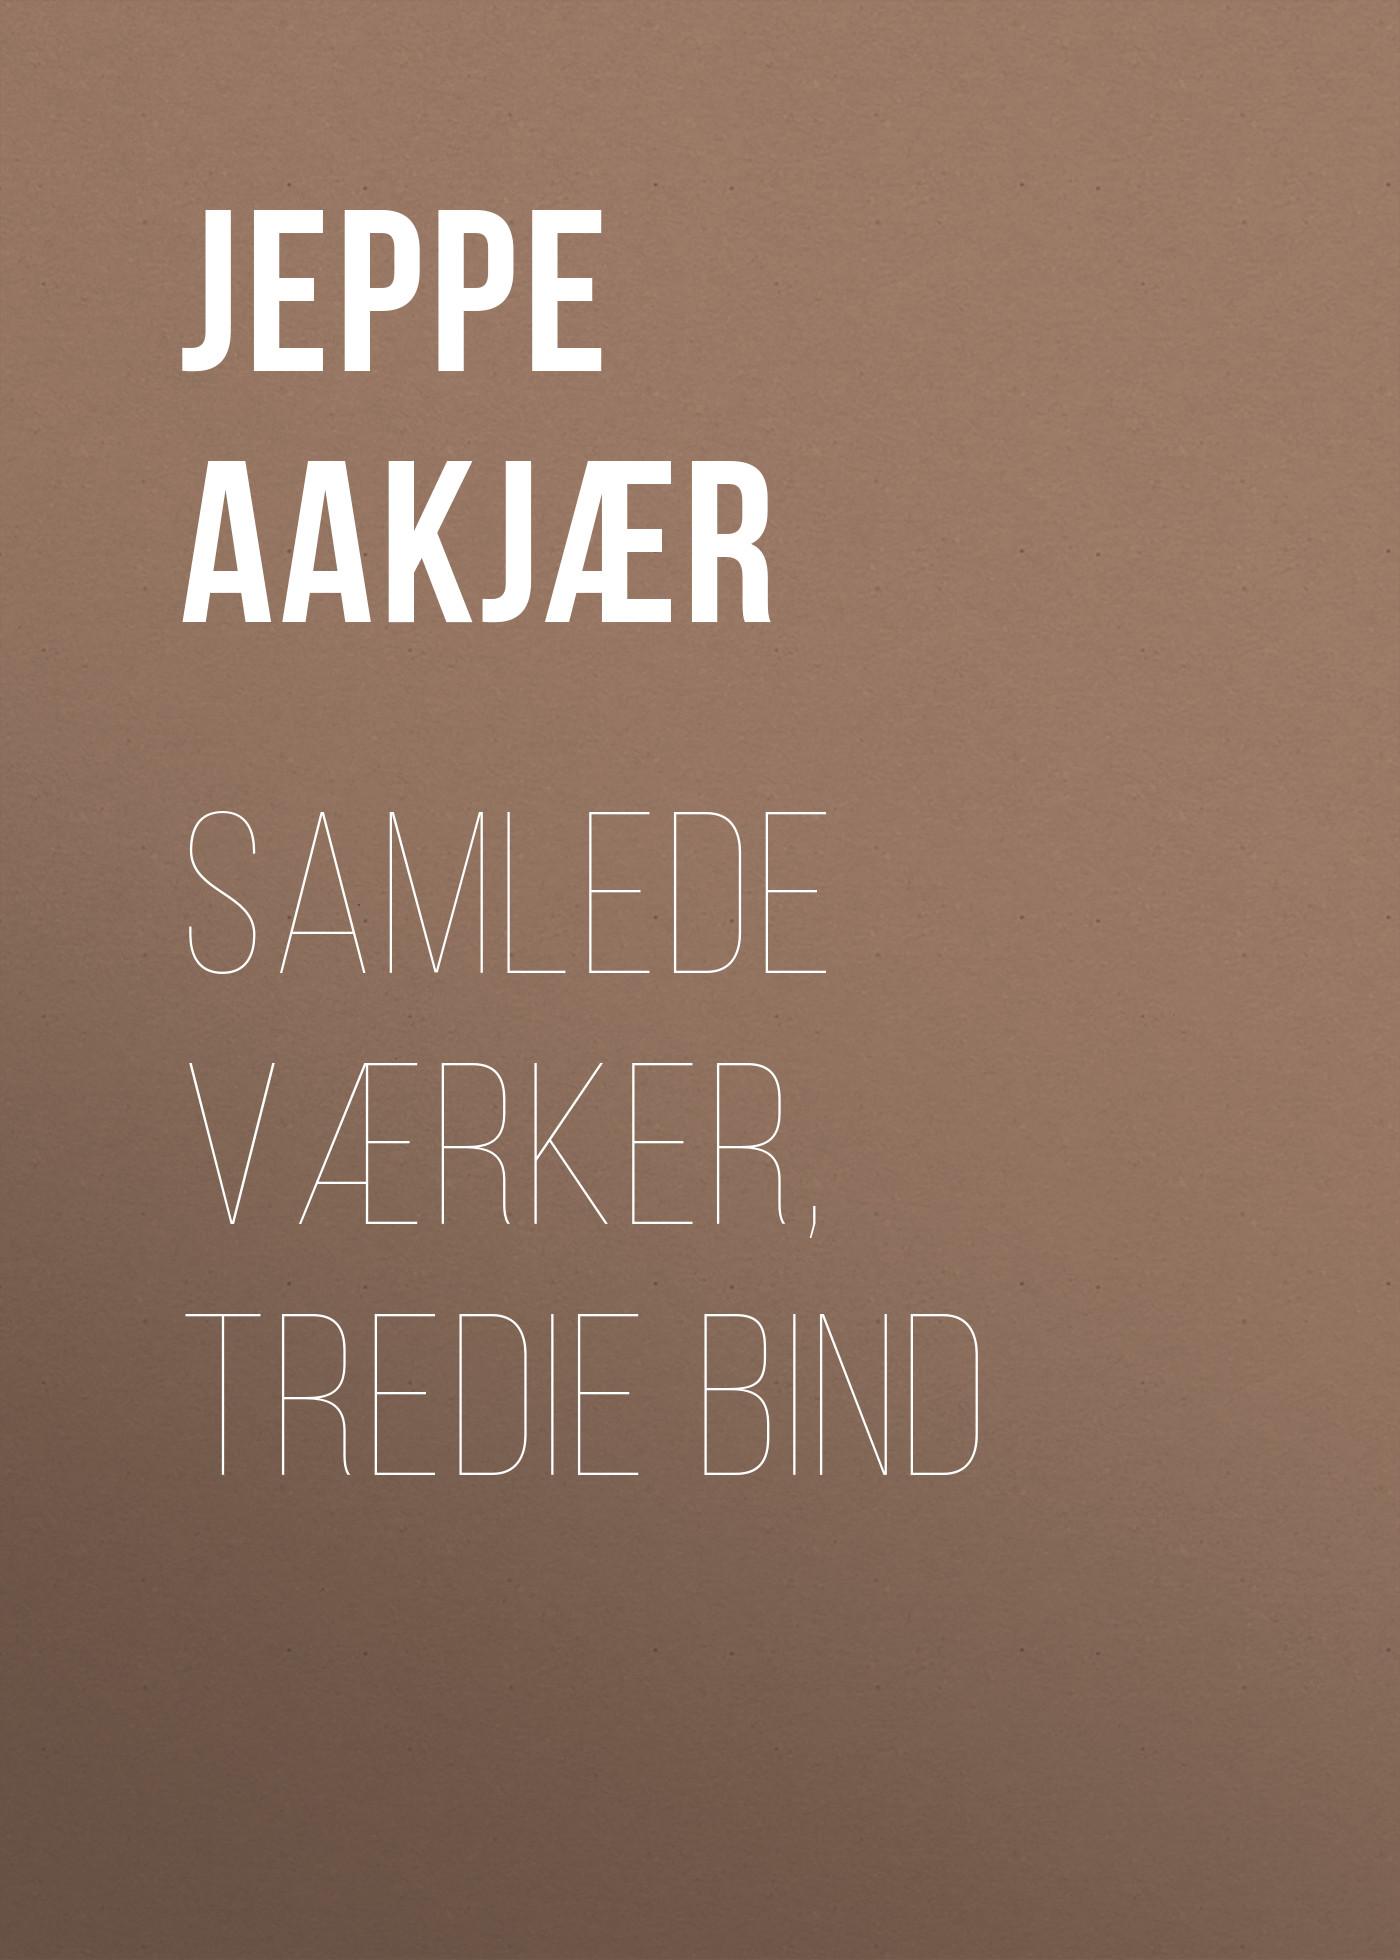 Aakjær Jeppe Samlede Værker, Tredie Bind